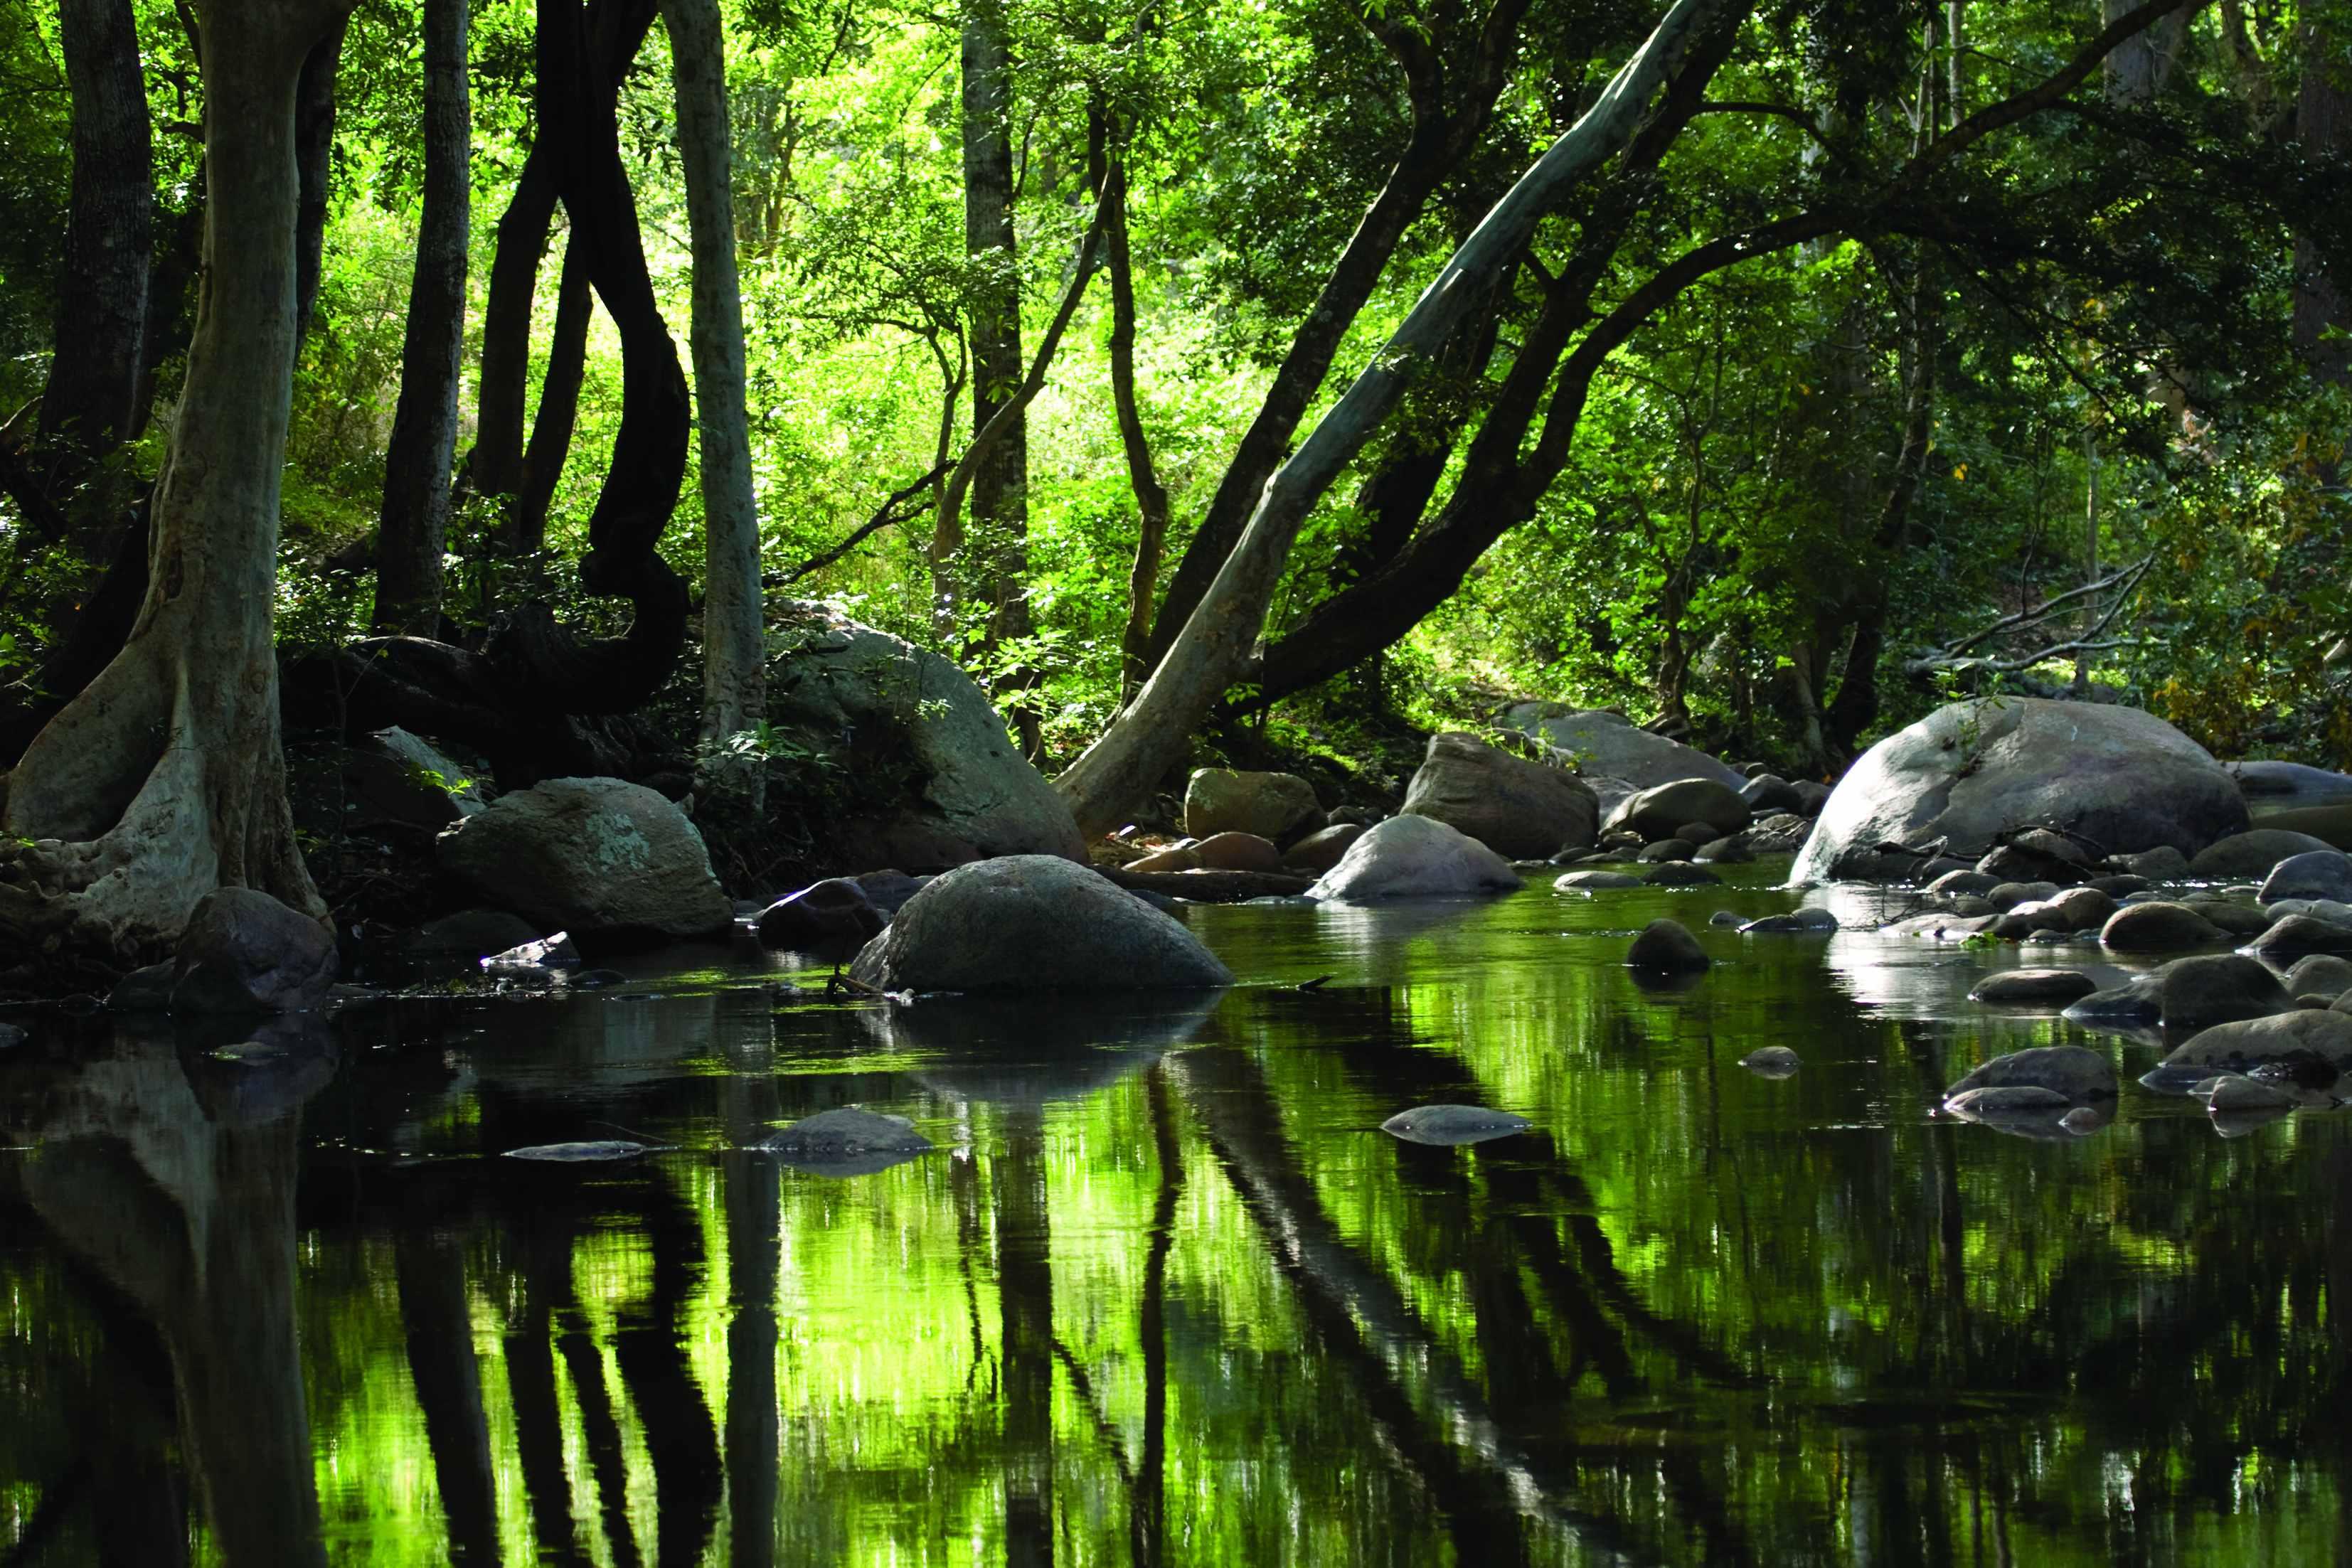 केरल की पहाड़ियां और मनोरम दृश्य